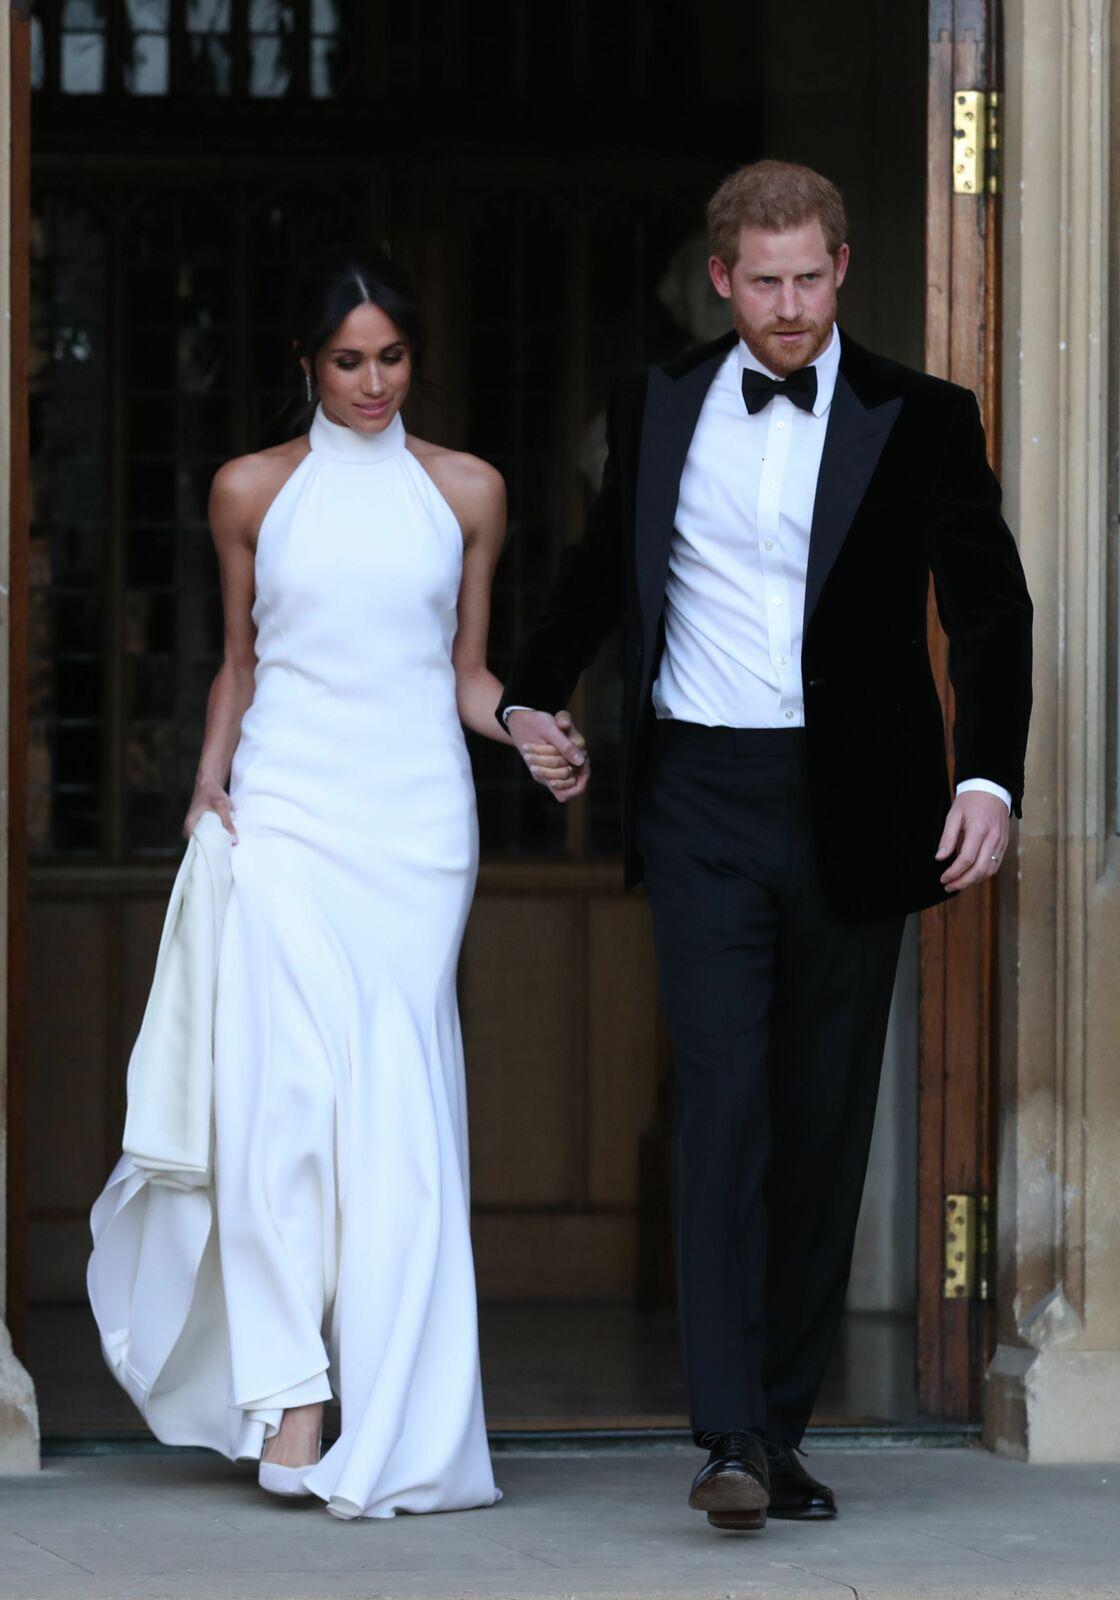 Harry et Meghan Markle quittent le château de Windsor en tenue de soirée après leur cérémonie de mariage, pour se rendre à la réception à